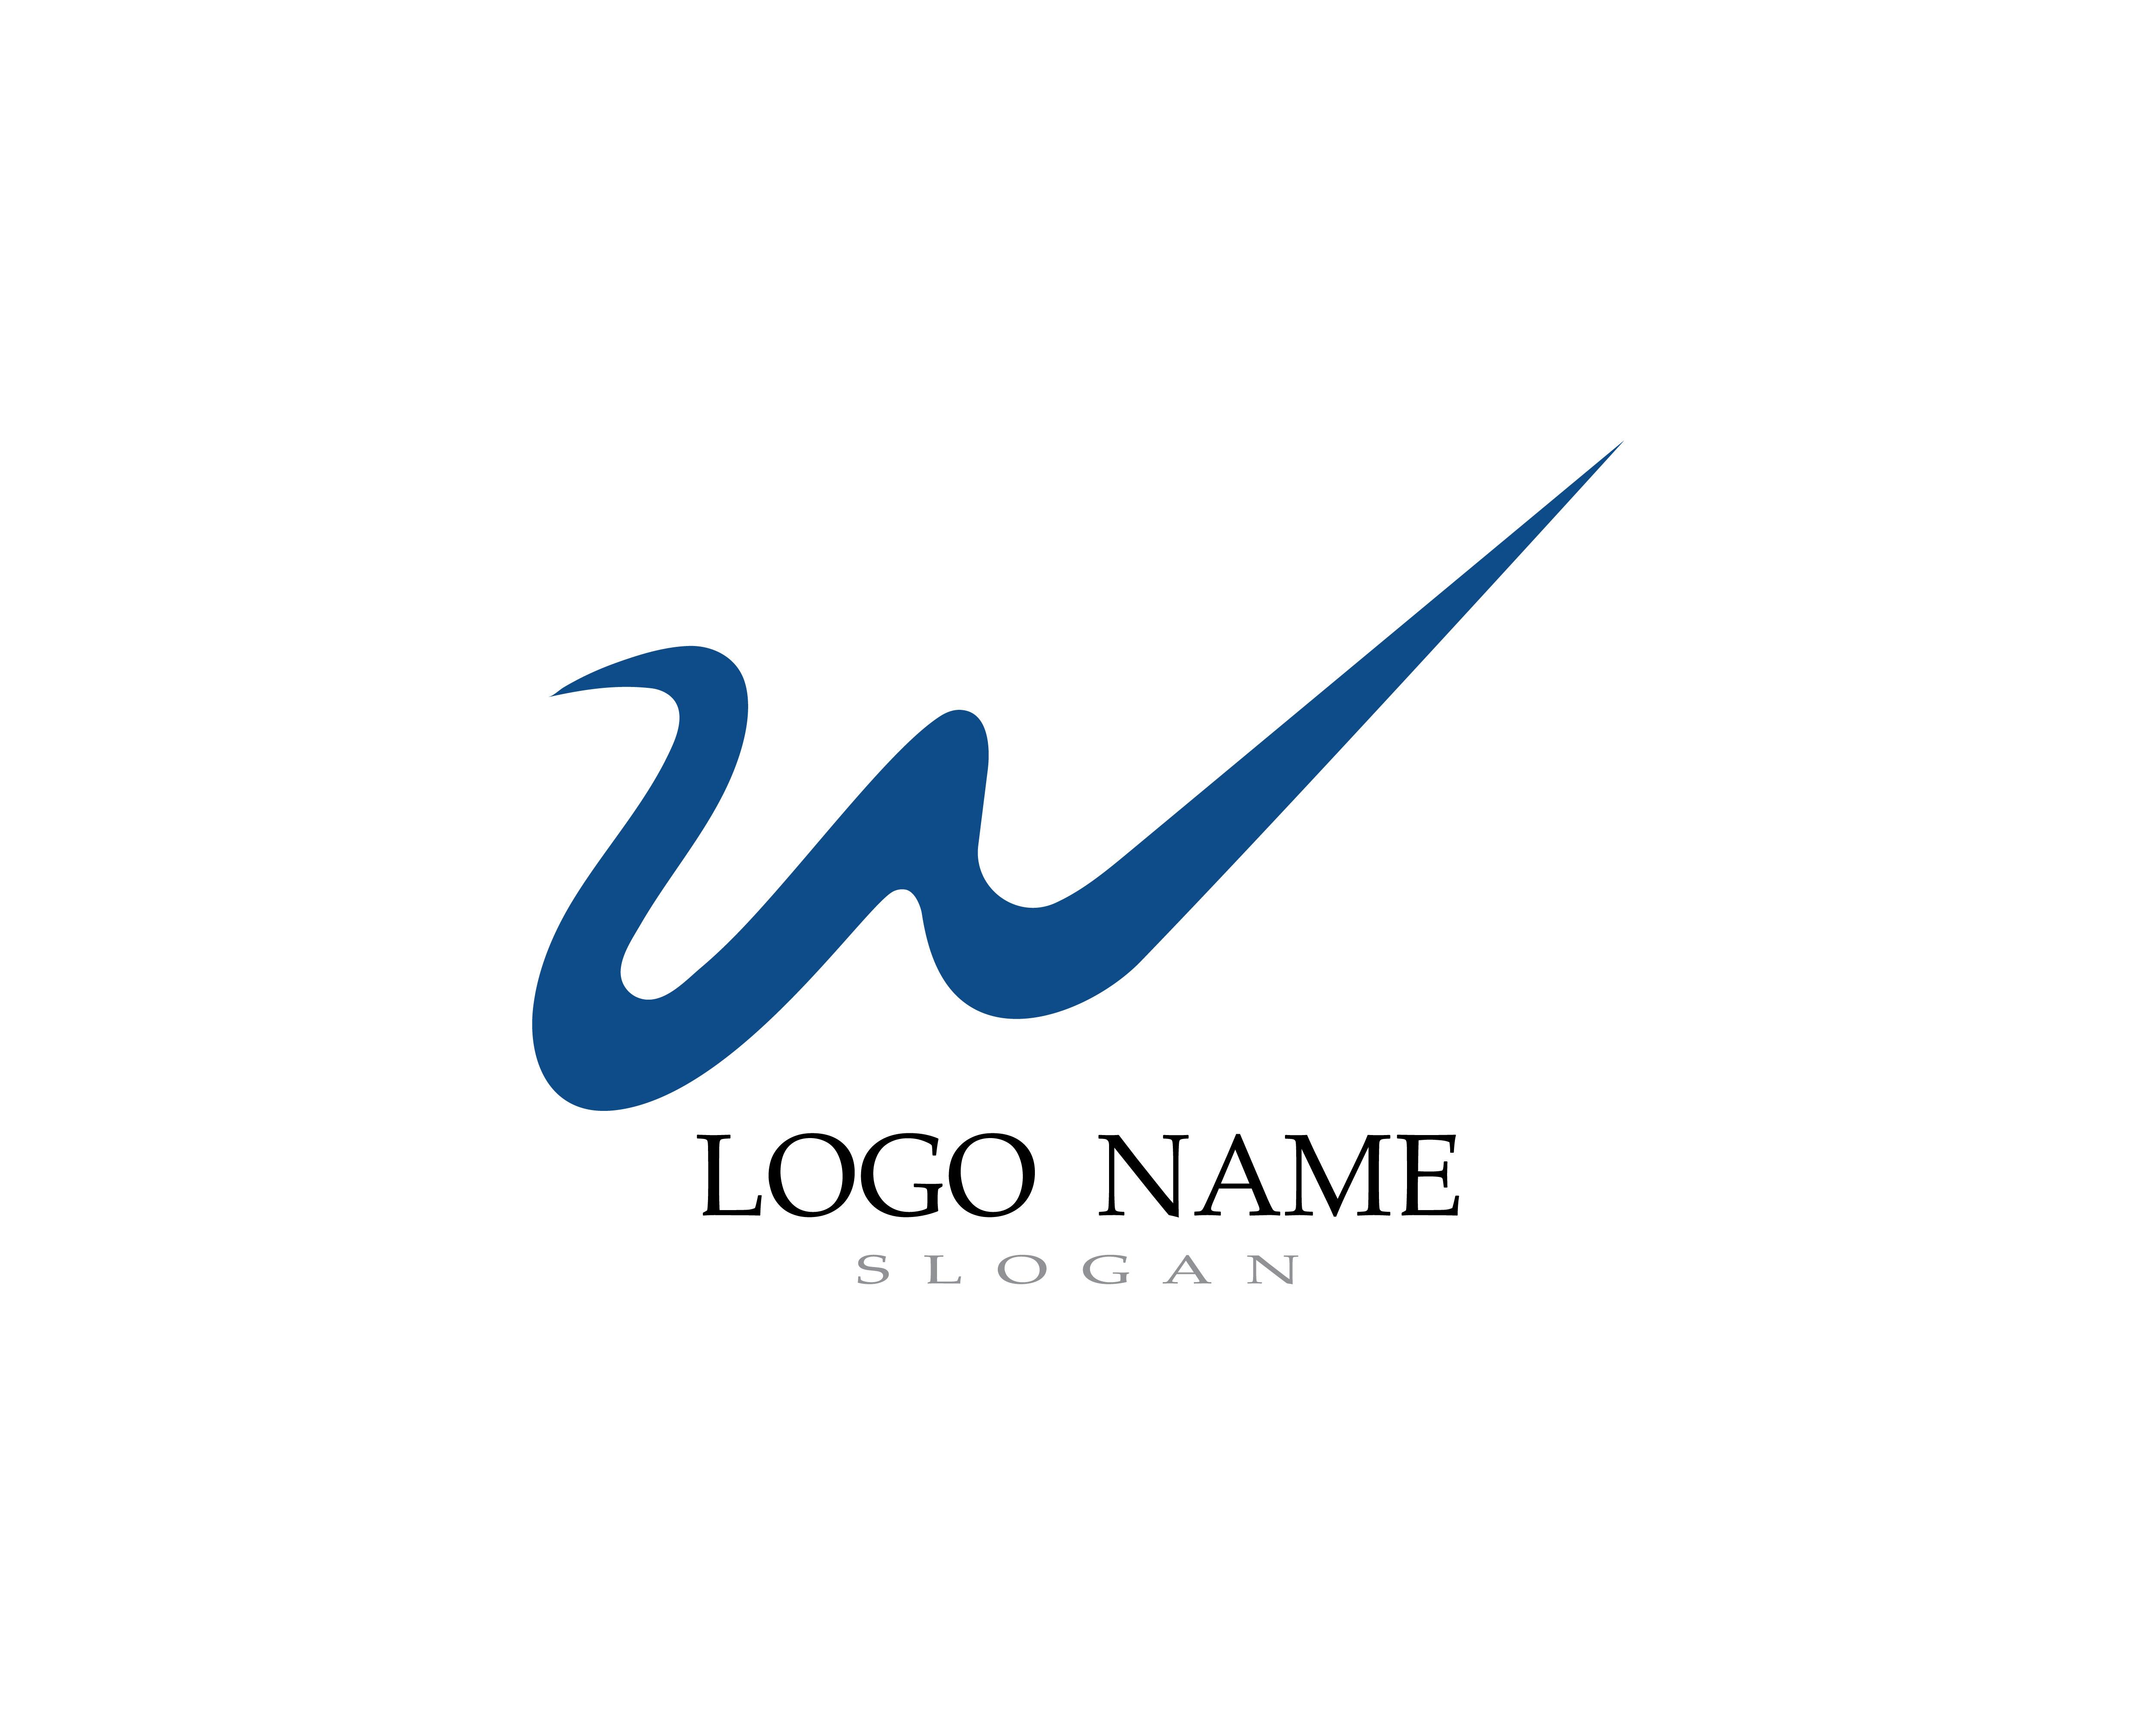 W logo and symbol business vectors - Download Free Vectors ...